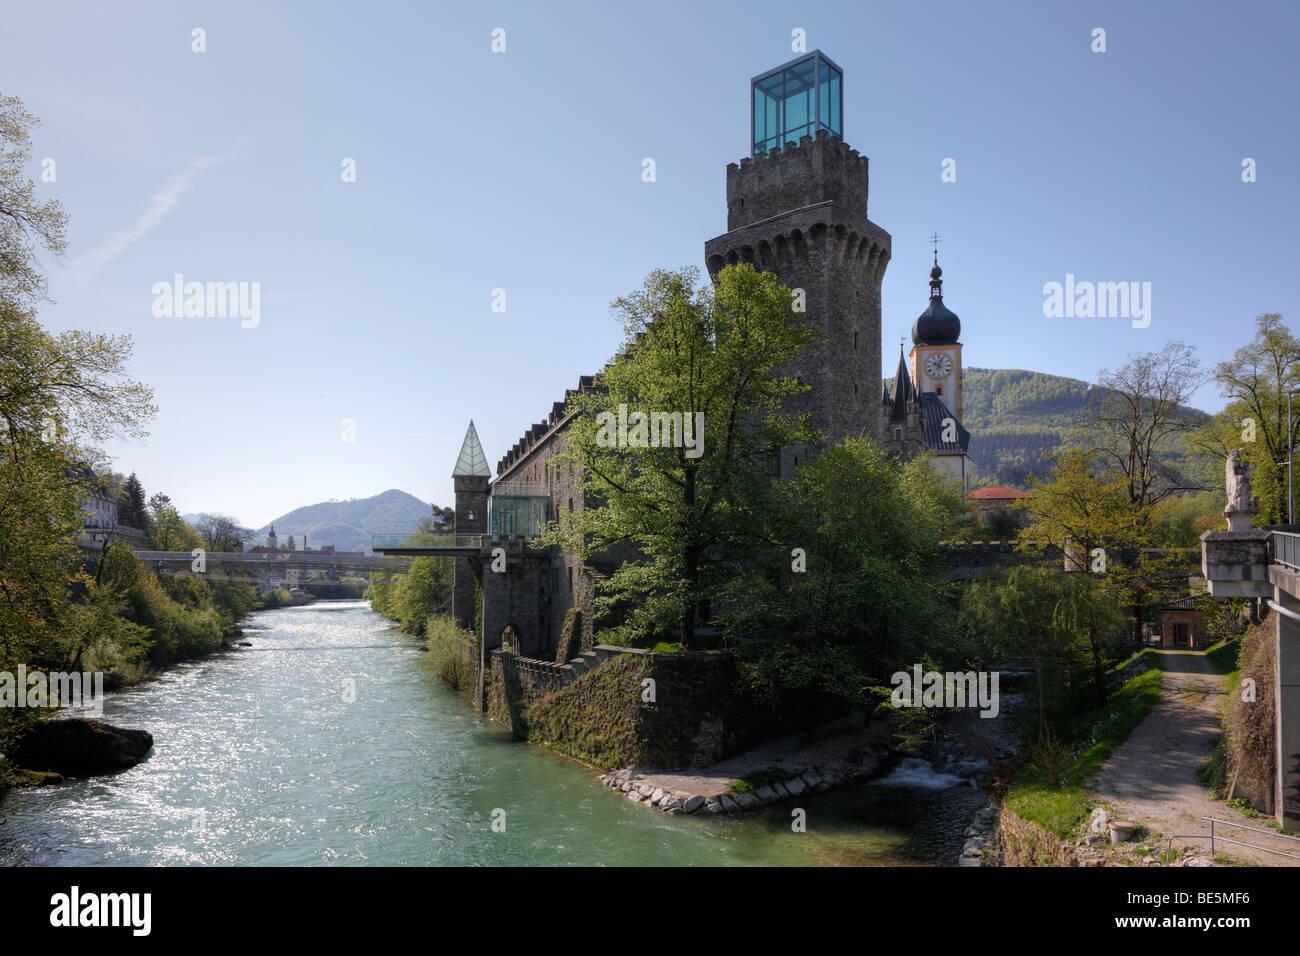 Rothschild Castle, Waidhofen an der Ybbs, Mostviertel, Lower Austria, Austria, Europe - Stock Image